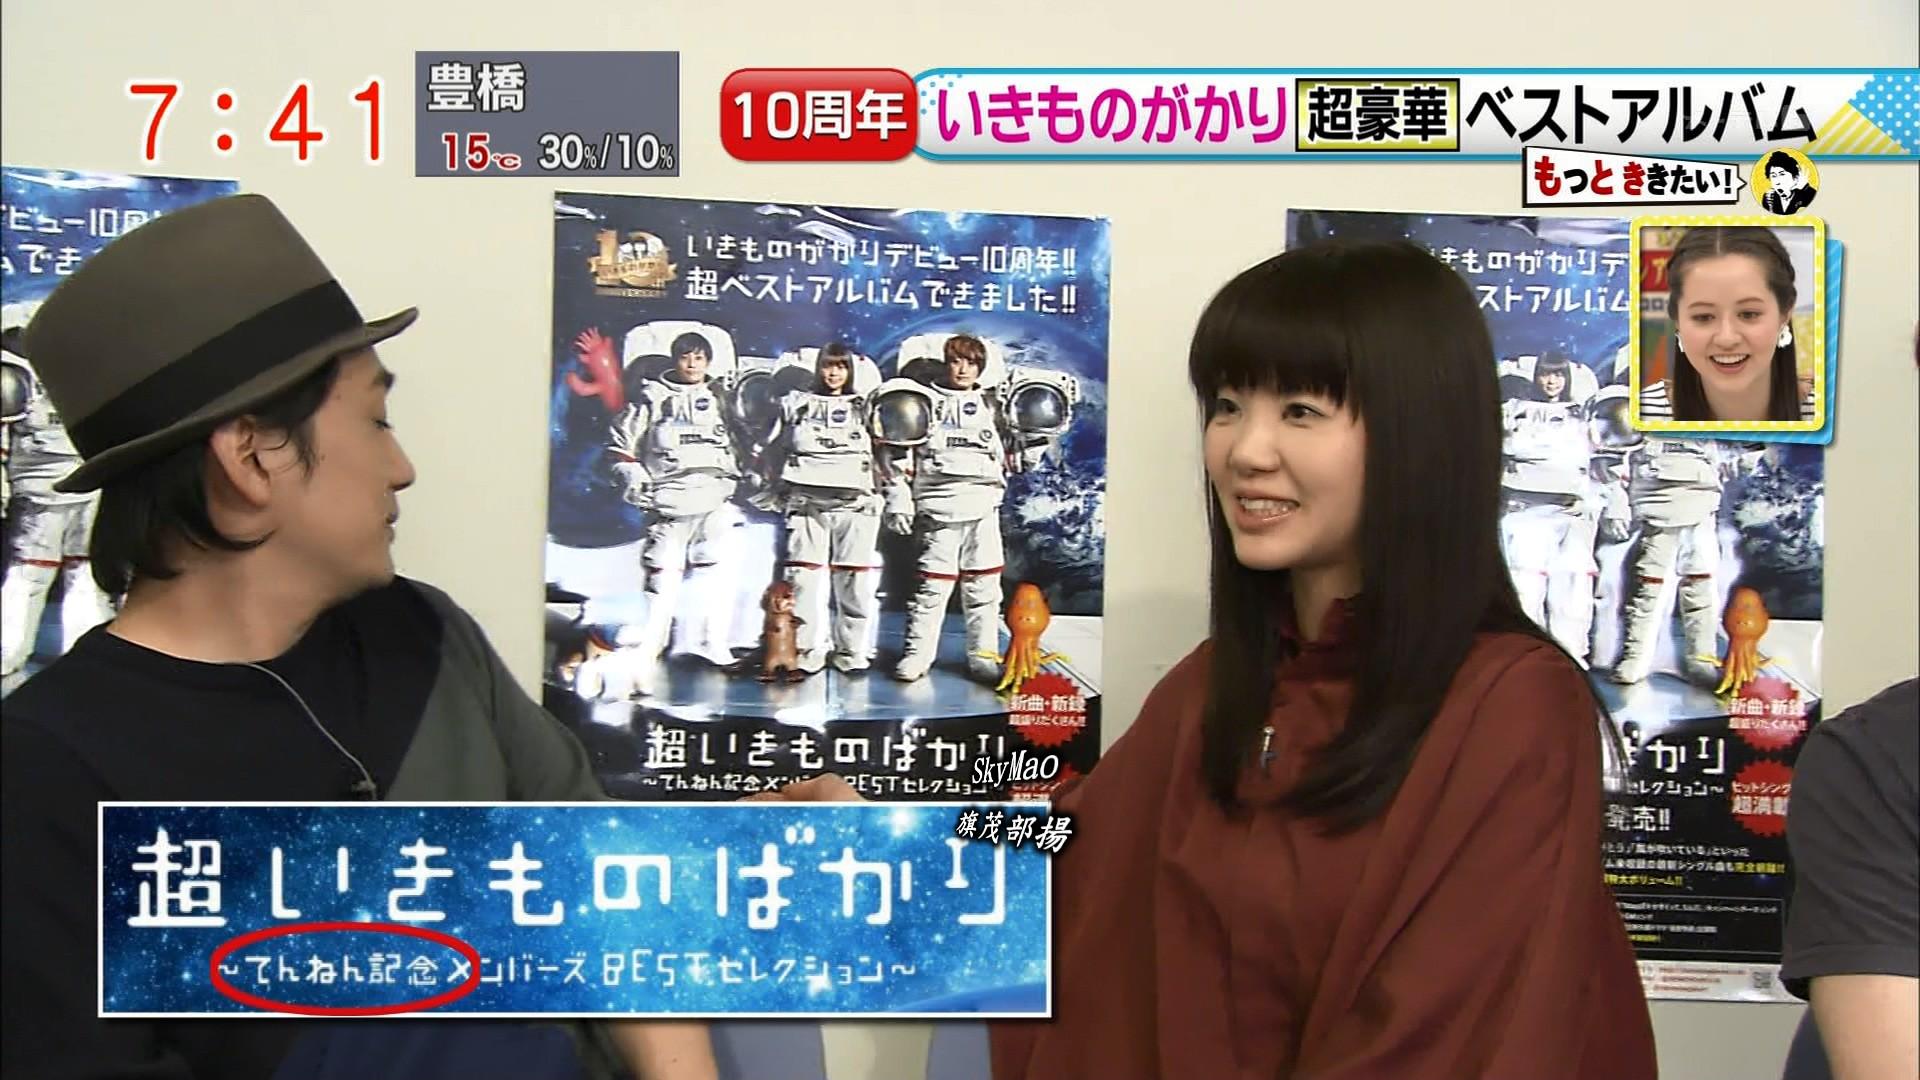 2016.03.28 いきものがかり(ドデスカ!).ts_20160328_134452.878